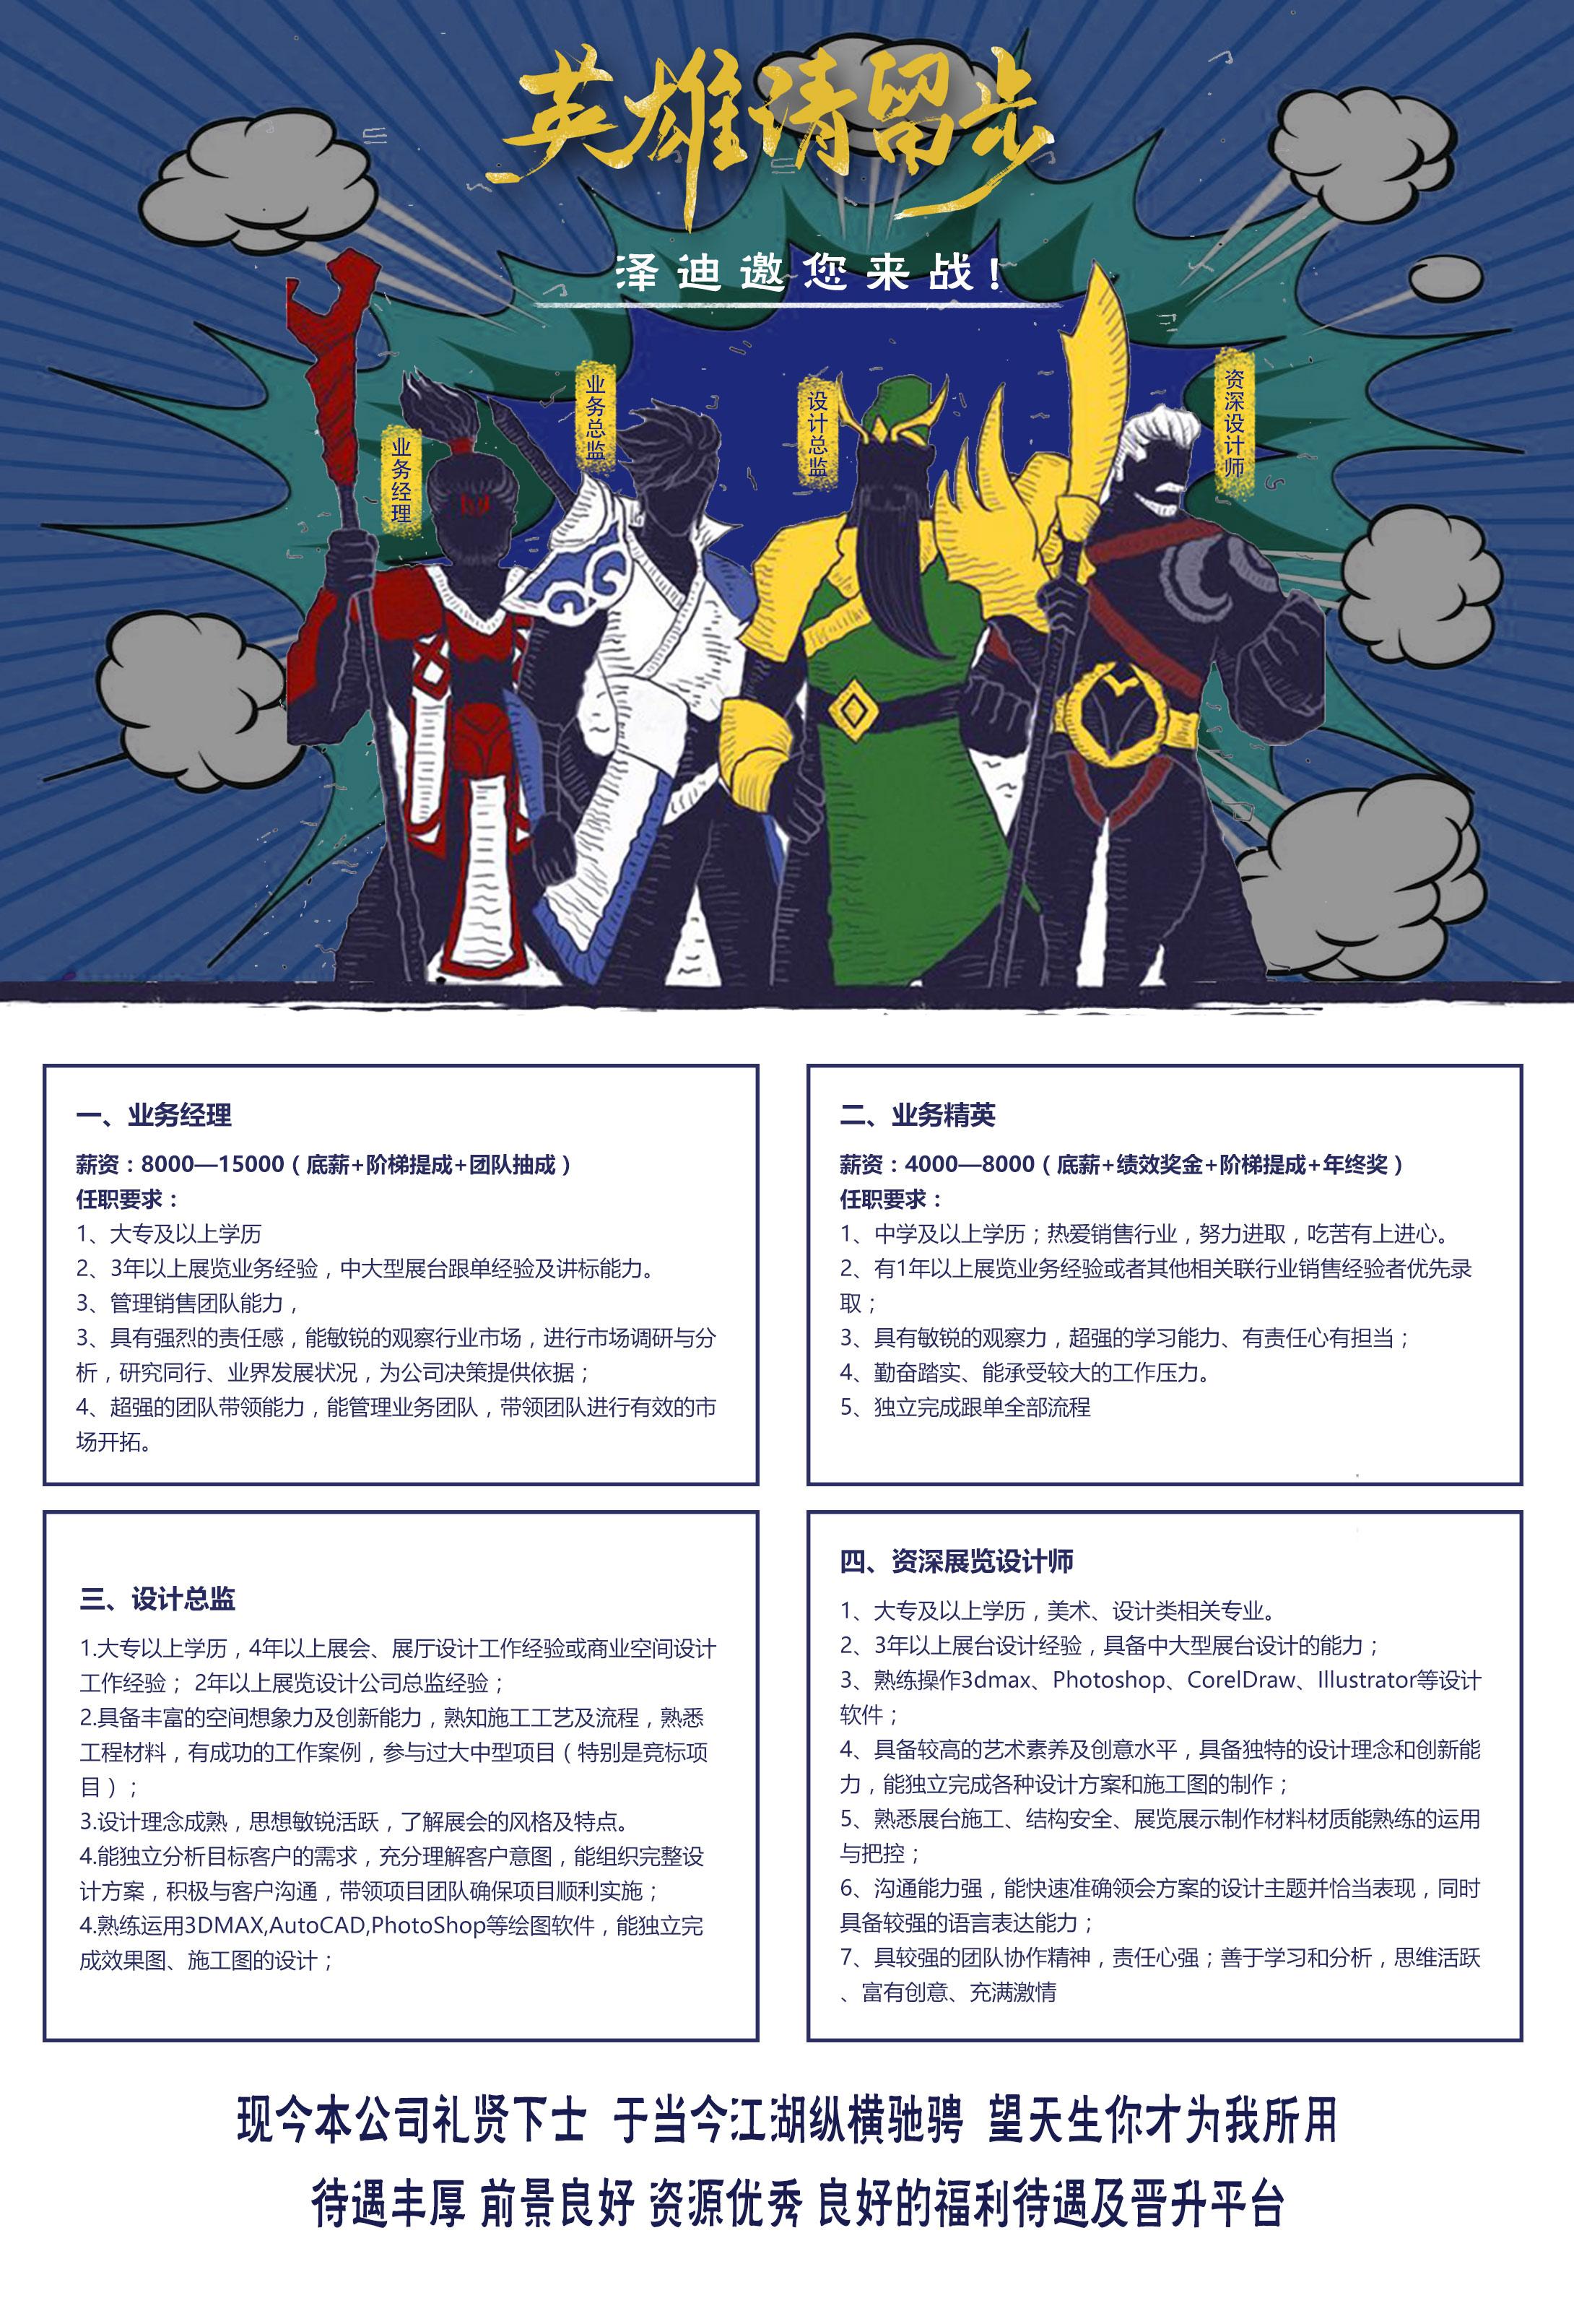 招聘1(2).jpg